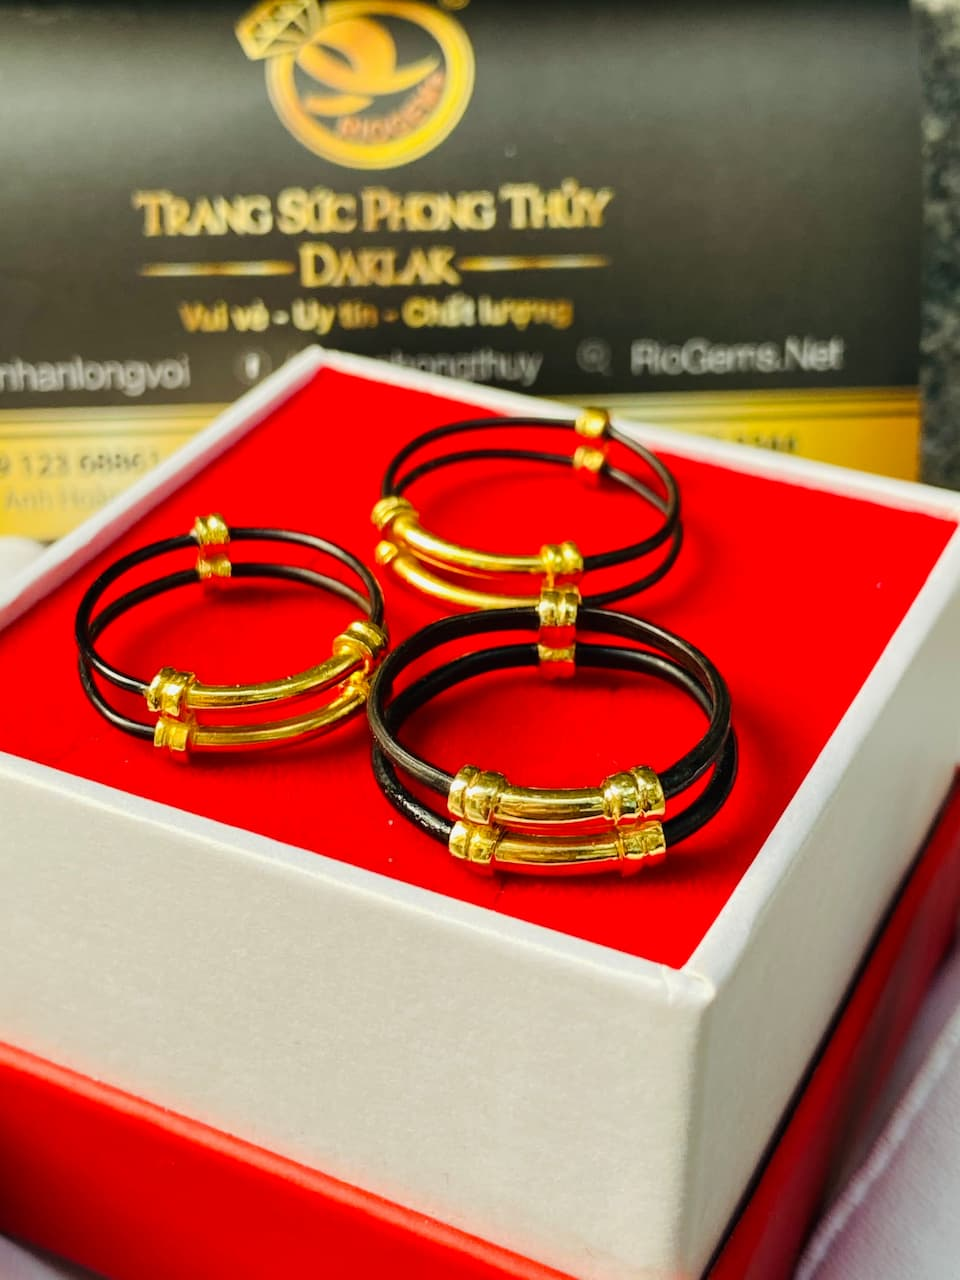 Nhan-doi-long-voi-Dan-toc-boc-vang